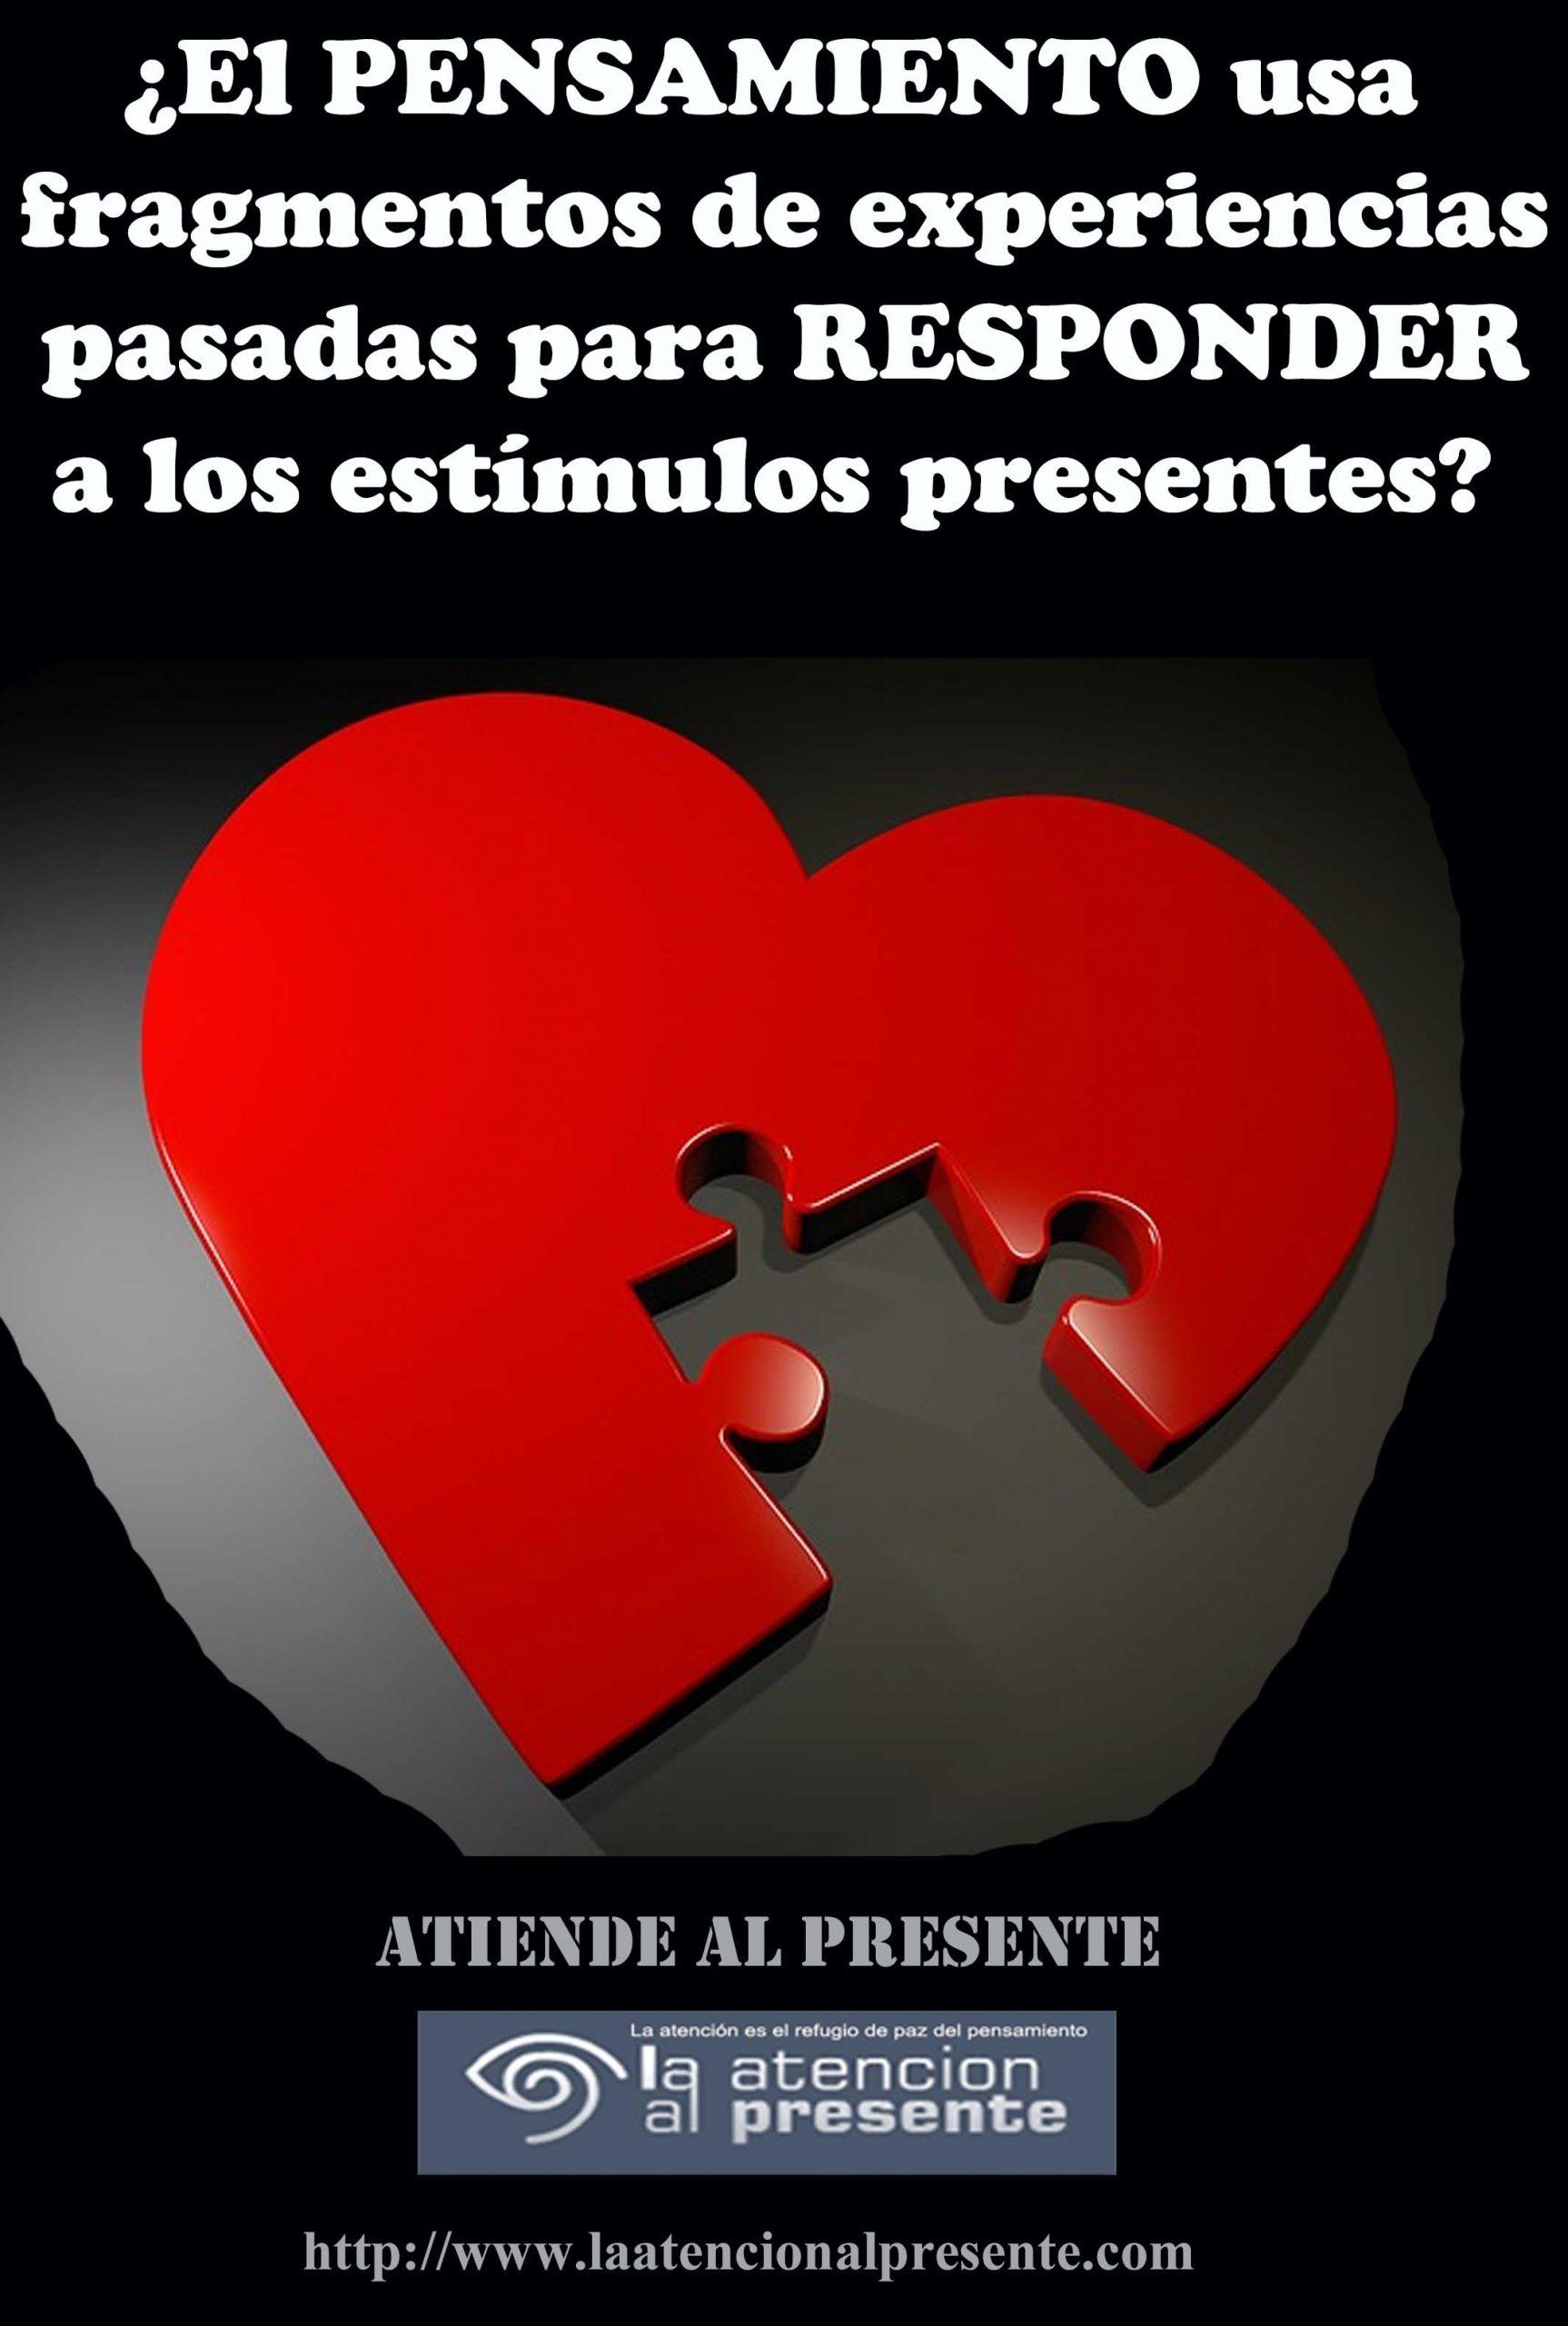 5 de Julio Esteban El PENSAMIENTO usa fragmentos de experiencias pasadas para RESPONDER a los estímulos min scaled